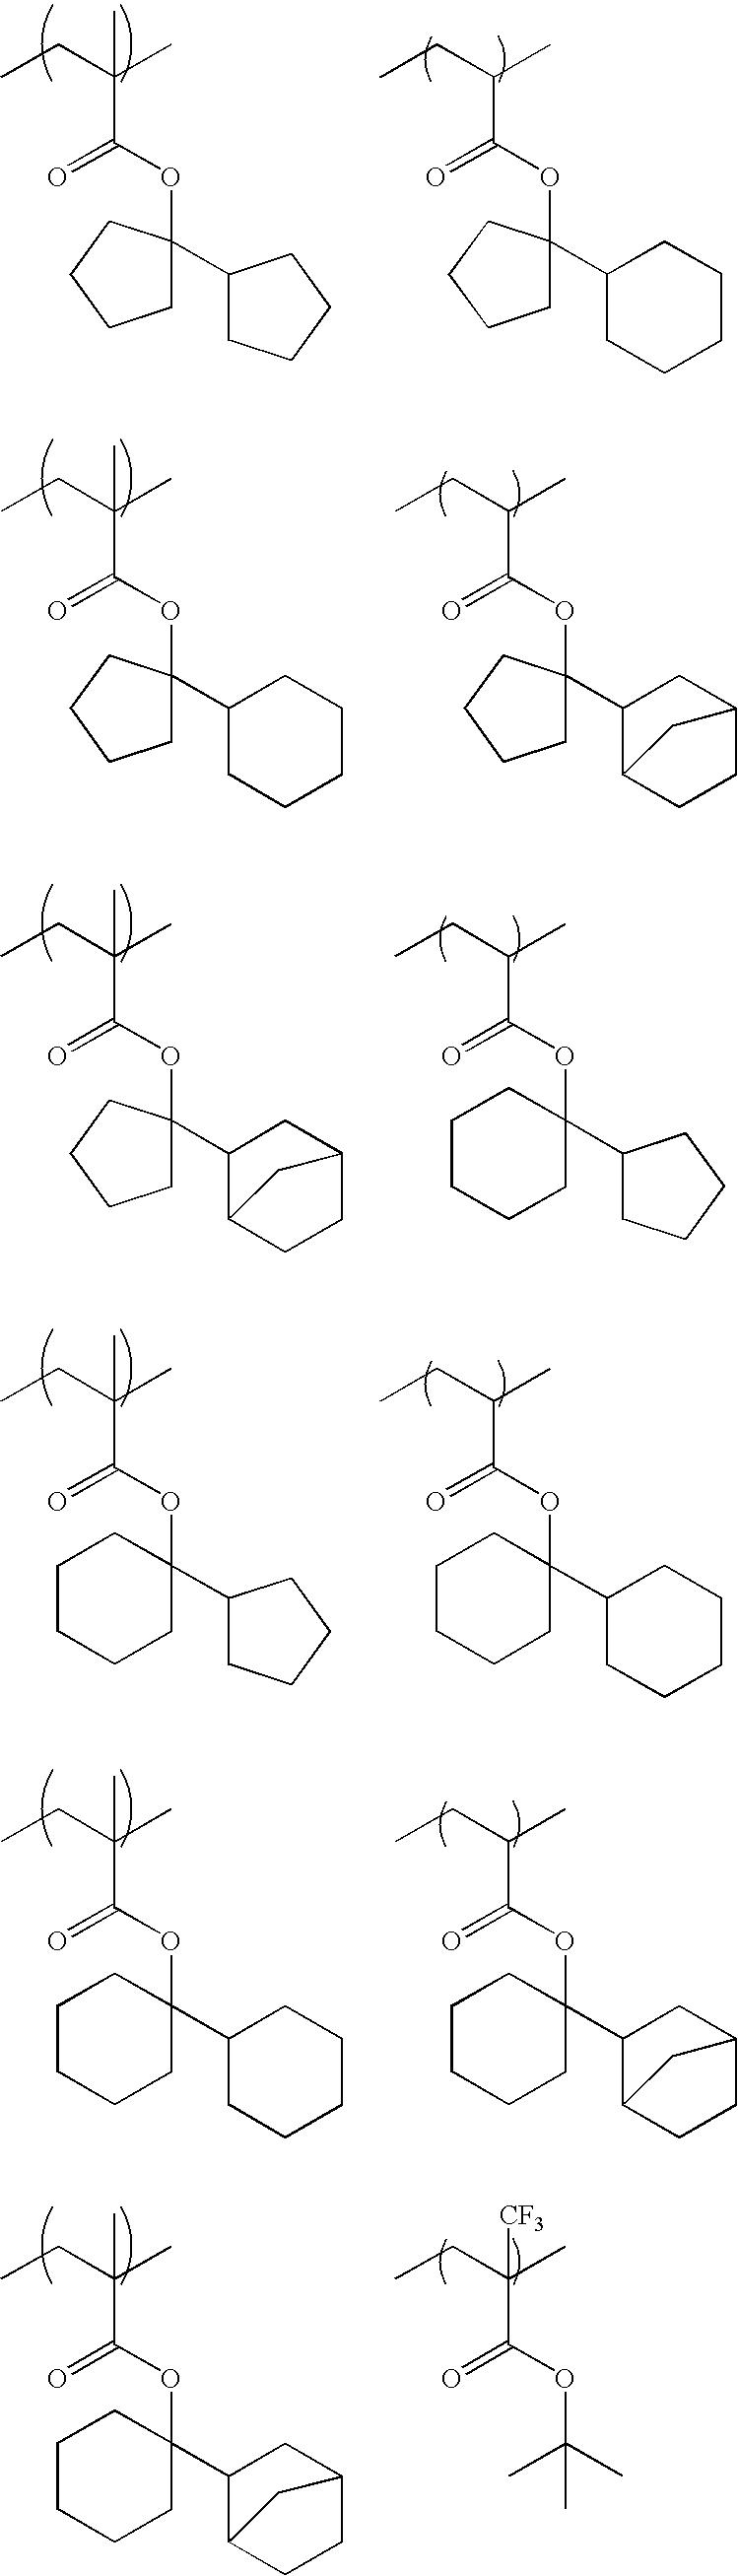 Figure US20090280434A1-20091112-C00048